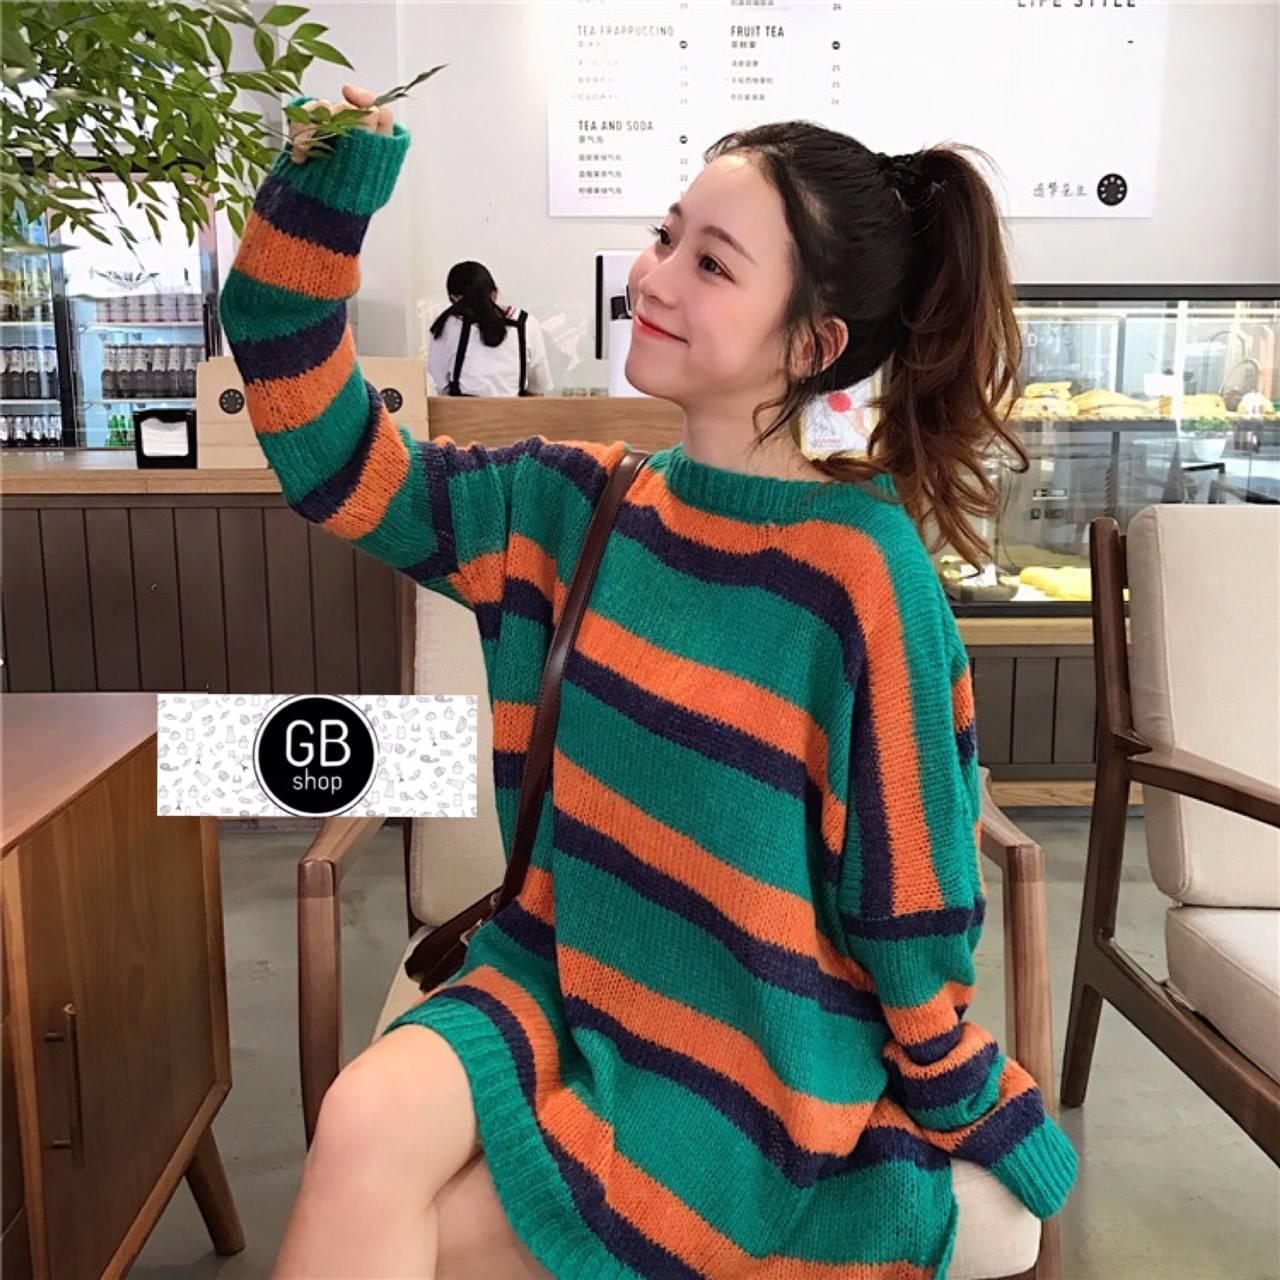 เสื้อผ้าเกาหลีพร้อมส่ง เสื้อไหมพรมแขนยาว โทนสีพาสเทล